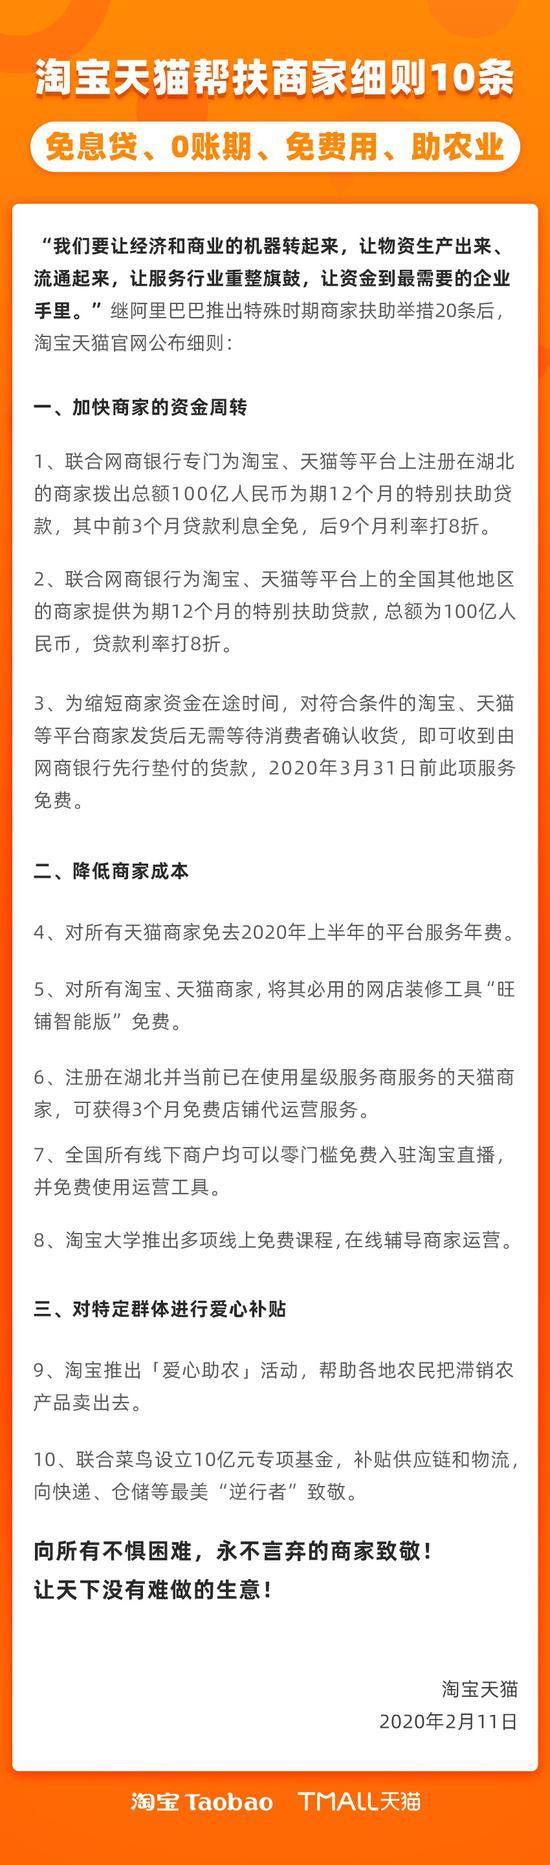 安源煤业业绩预告大跌75%毛利率远逊同行负债9成